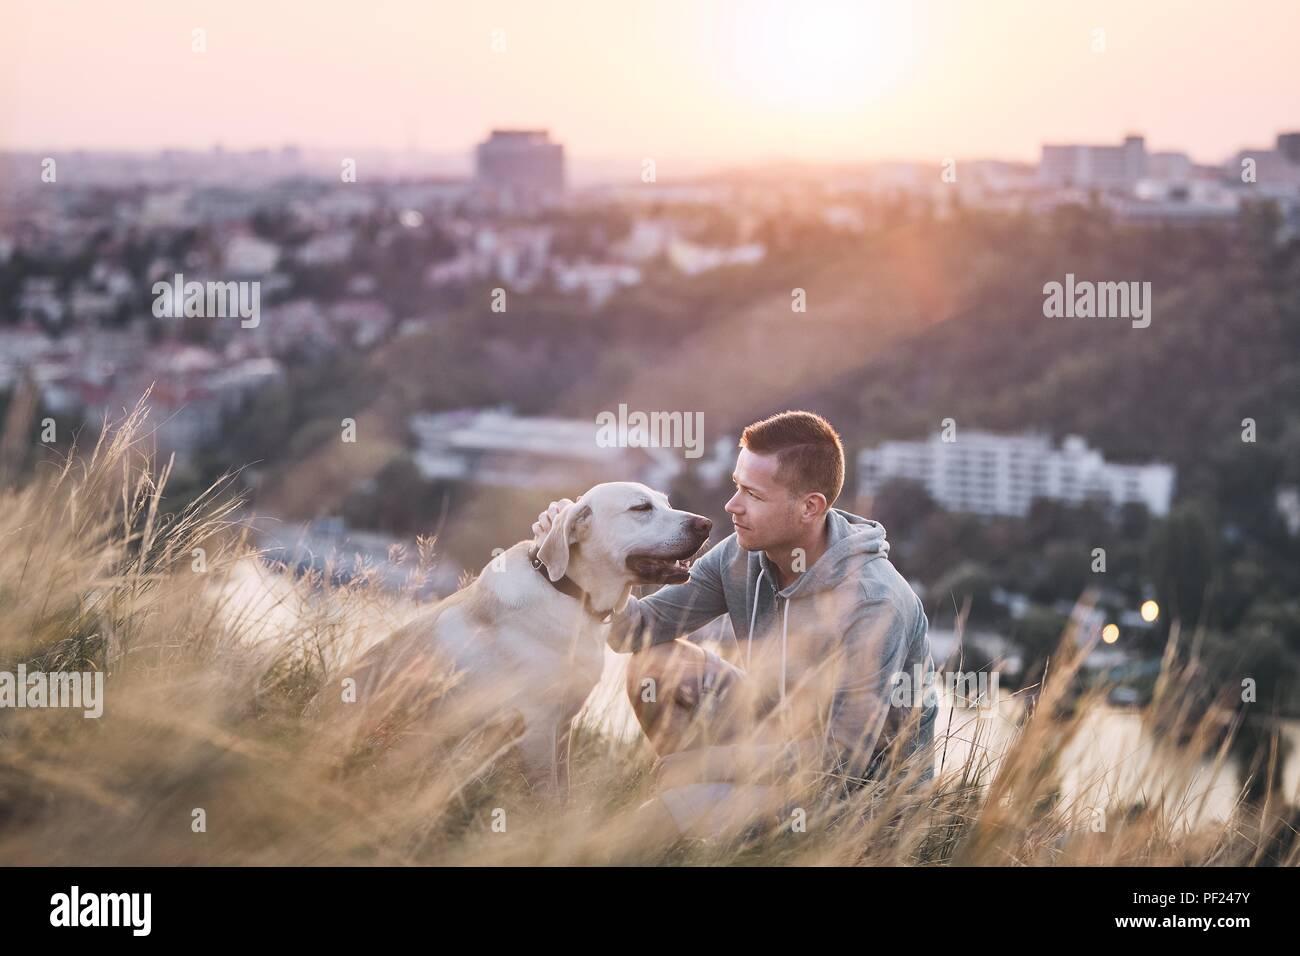 Morgen Spaziergang mit Hund. Junger Mann und seinem Labrador Retriever auf der Wiese gegen Stadt bei Sonnenaufgang. Stockbild